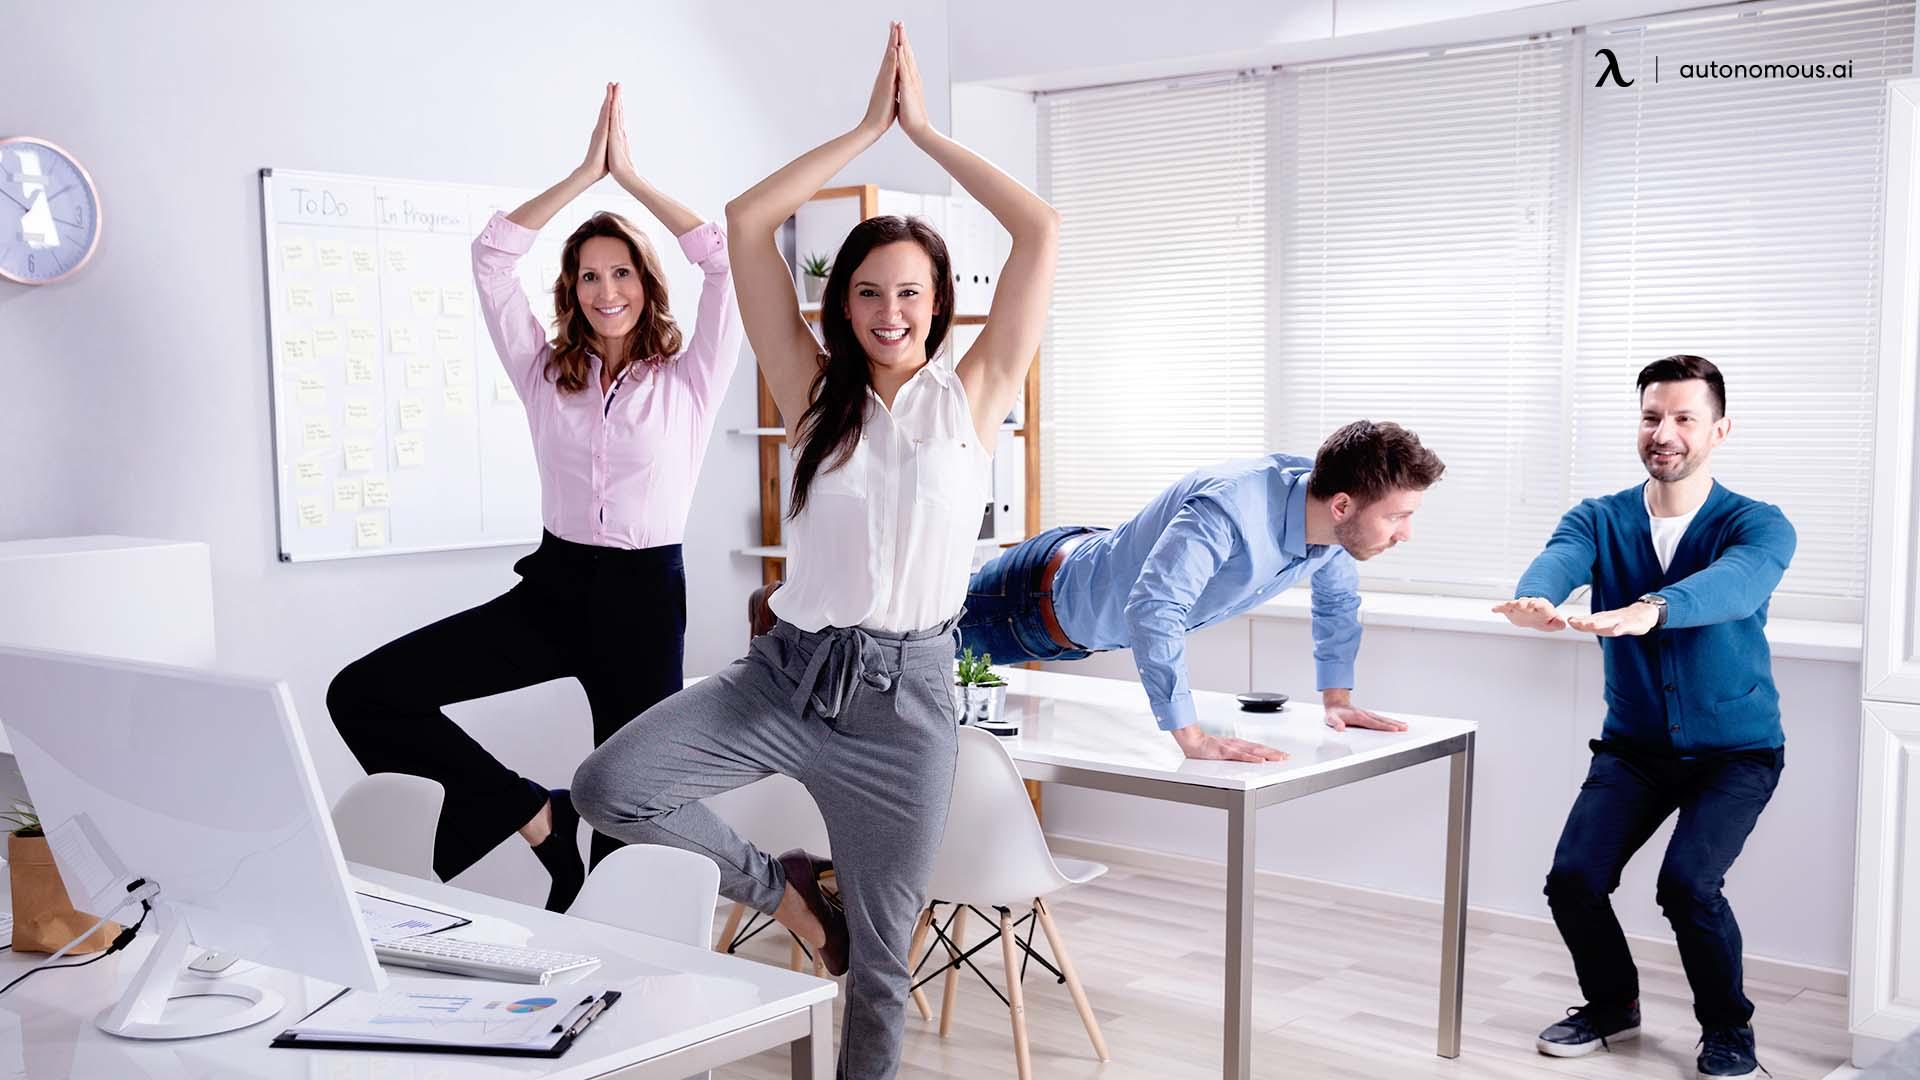 Easy Office Desk Yoga Poses